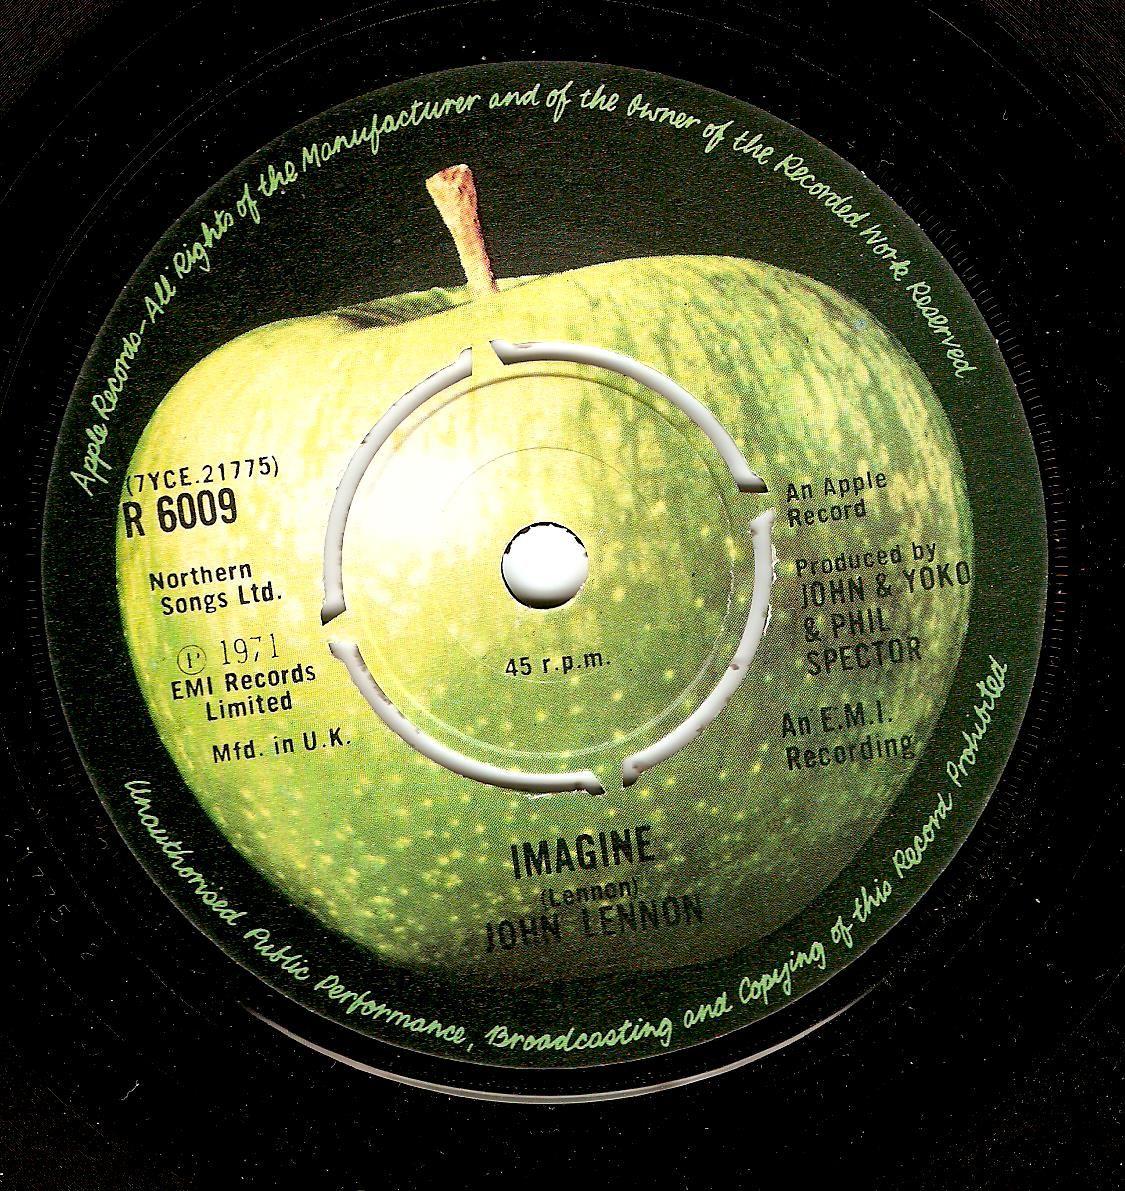 John Lennon Imagine Vinyl Record 7 Inch Apple 1971